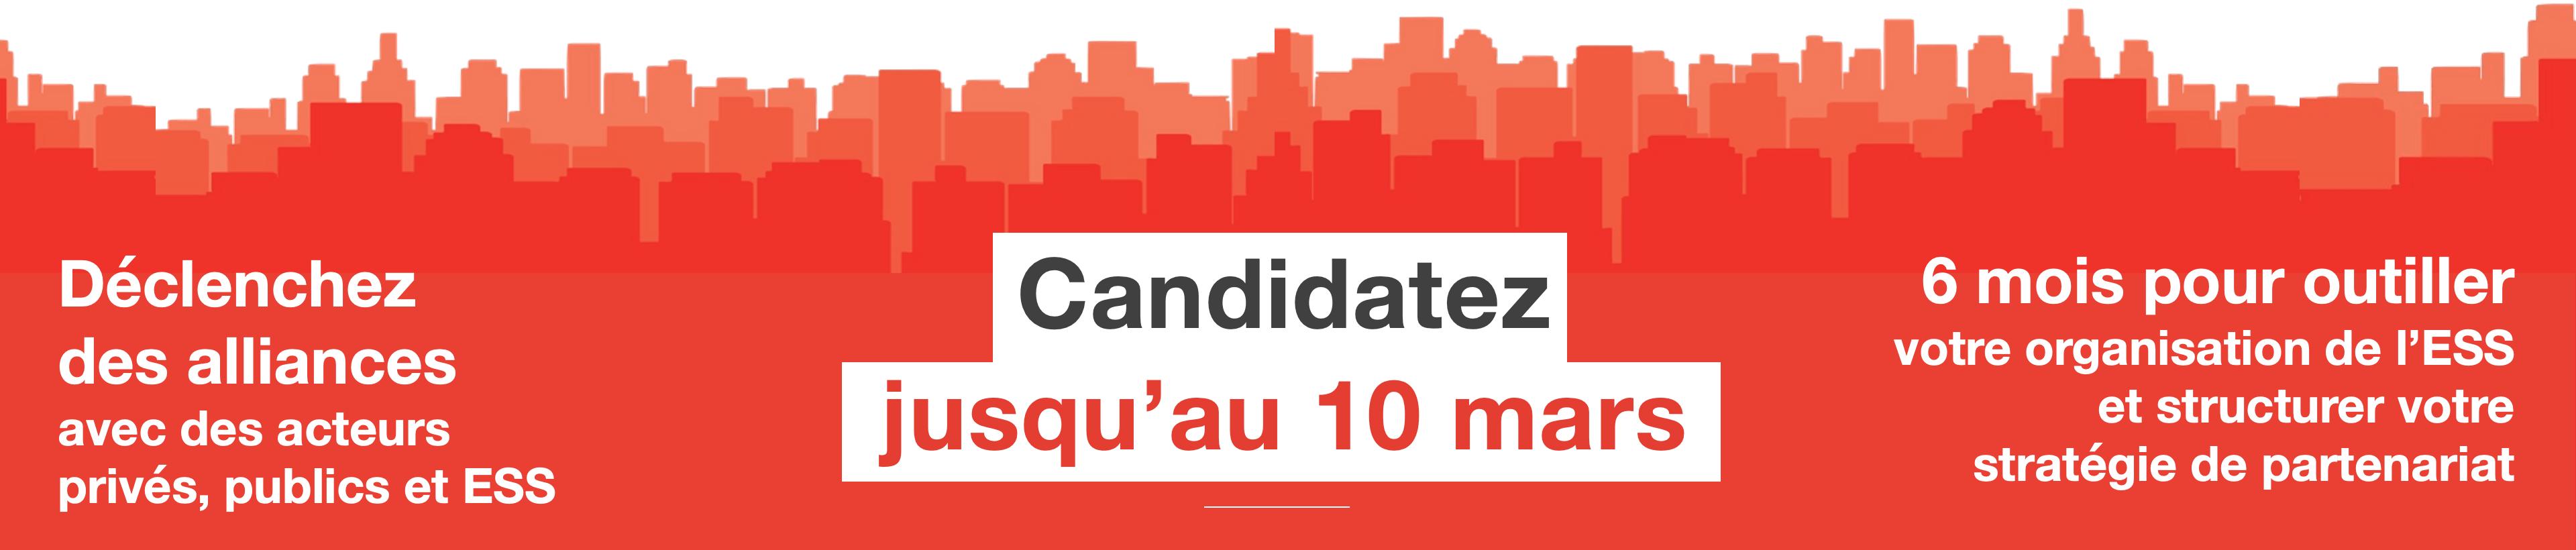 programme accélération candidates